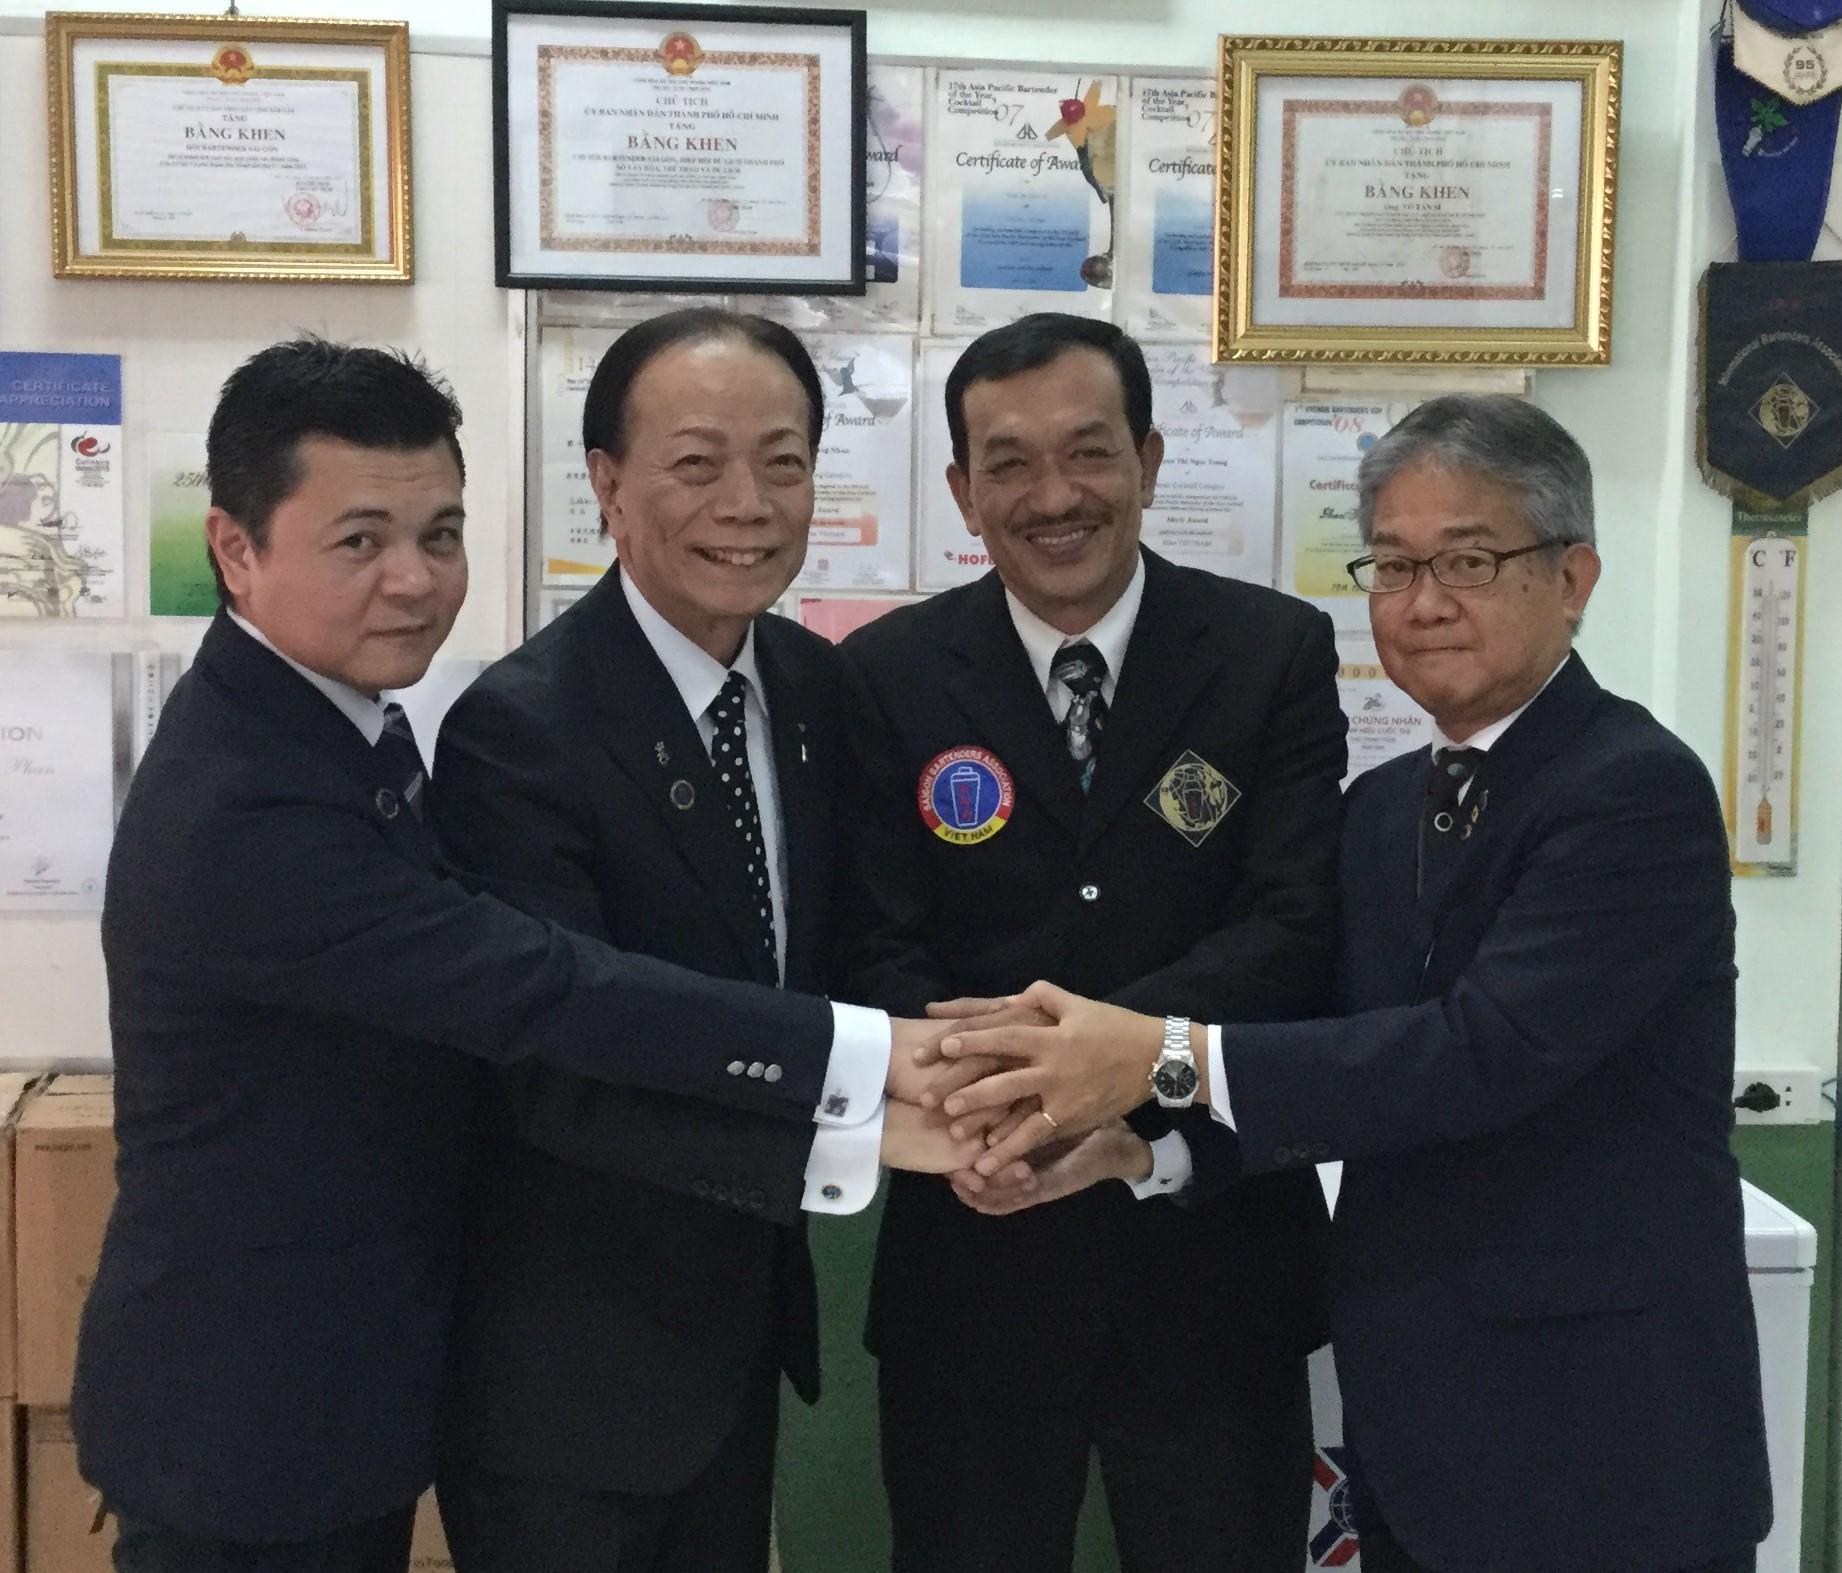 カクテルコンテストへの審査員と選手派遣で合意したボウ理事長(右から2人目)と新垣会長(同3人目)